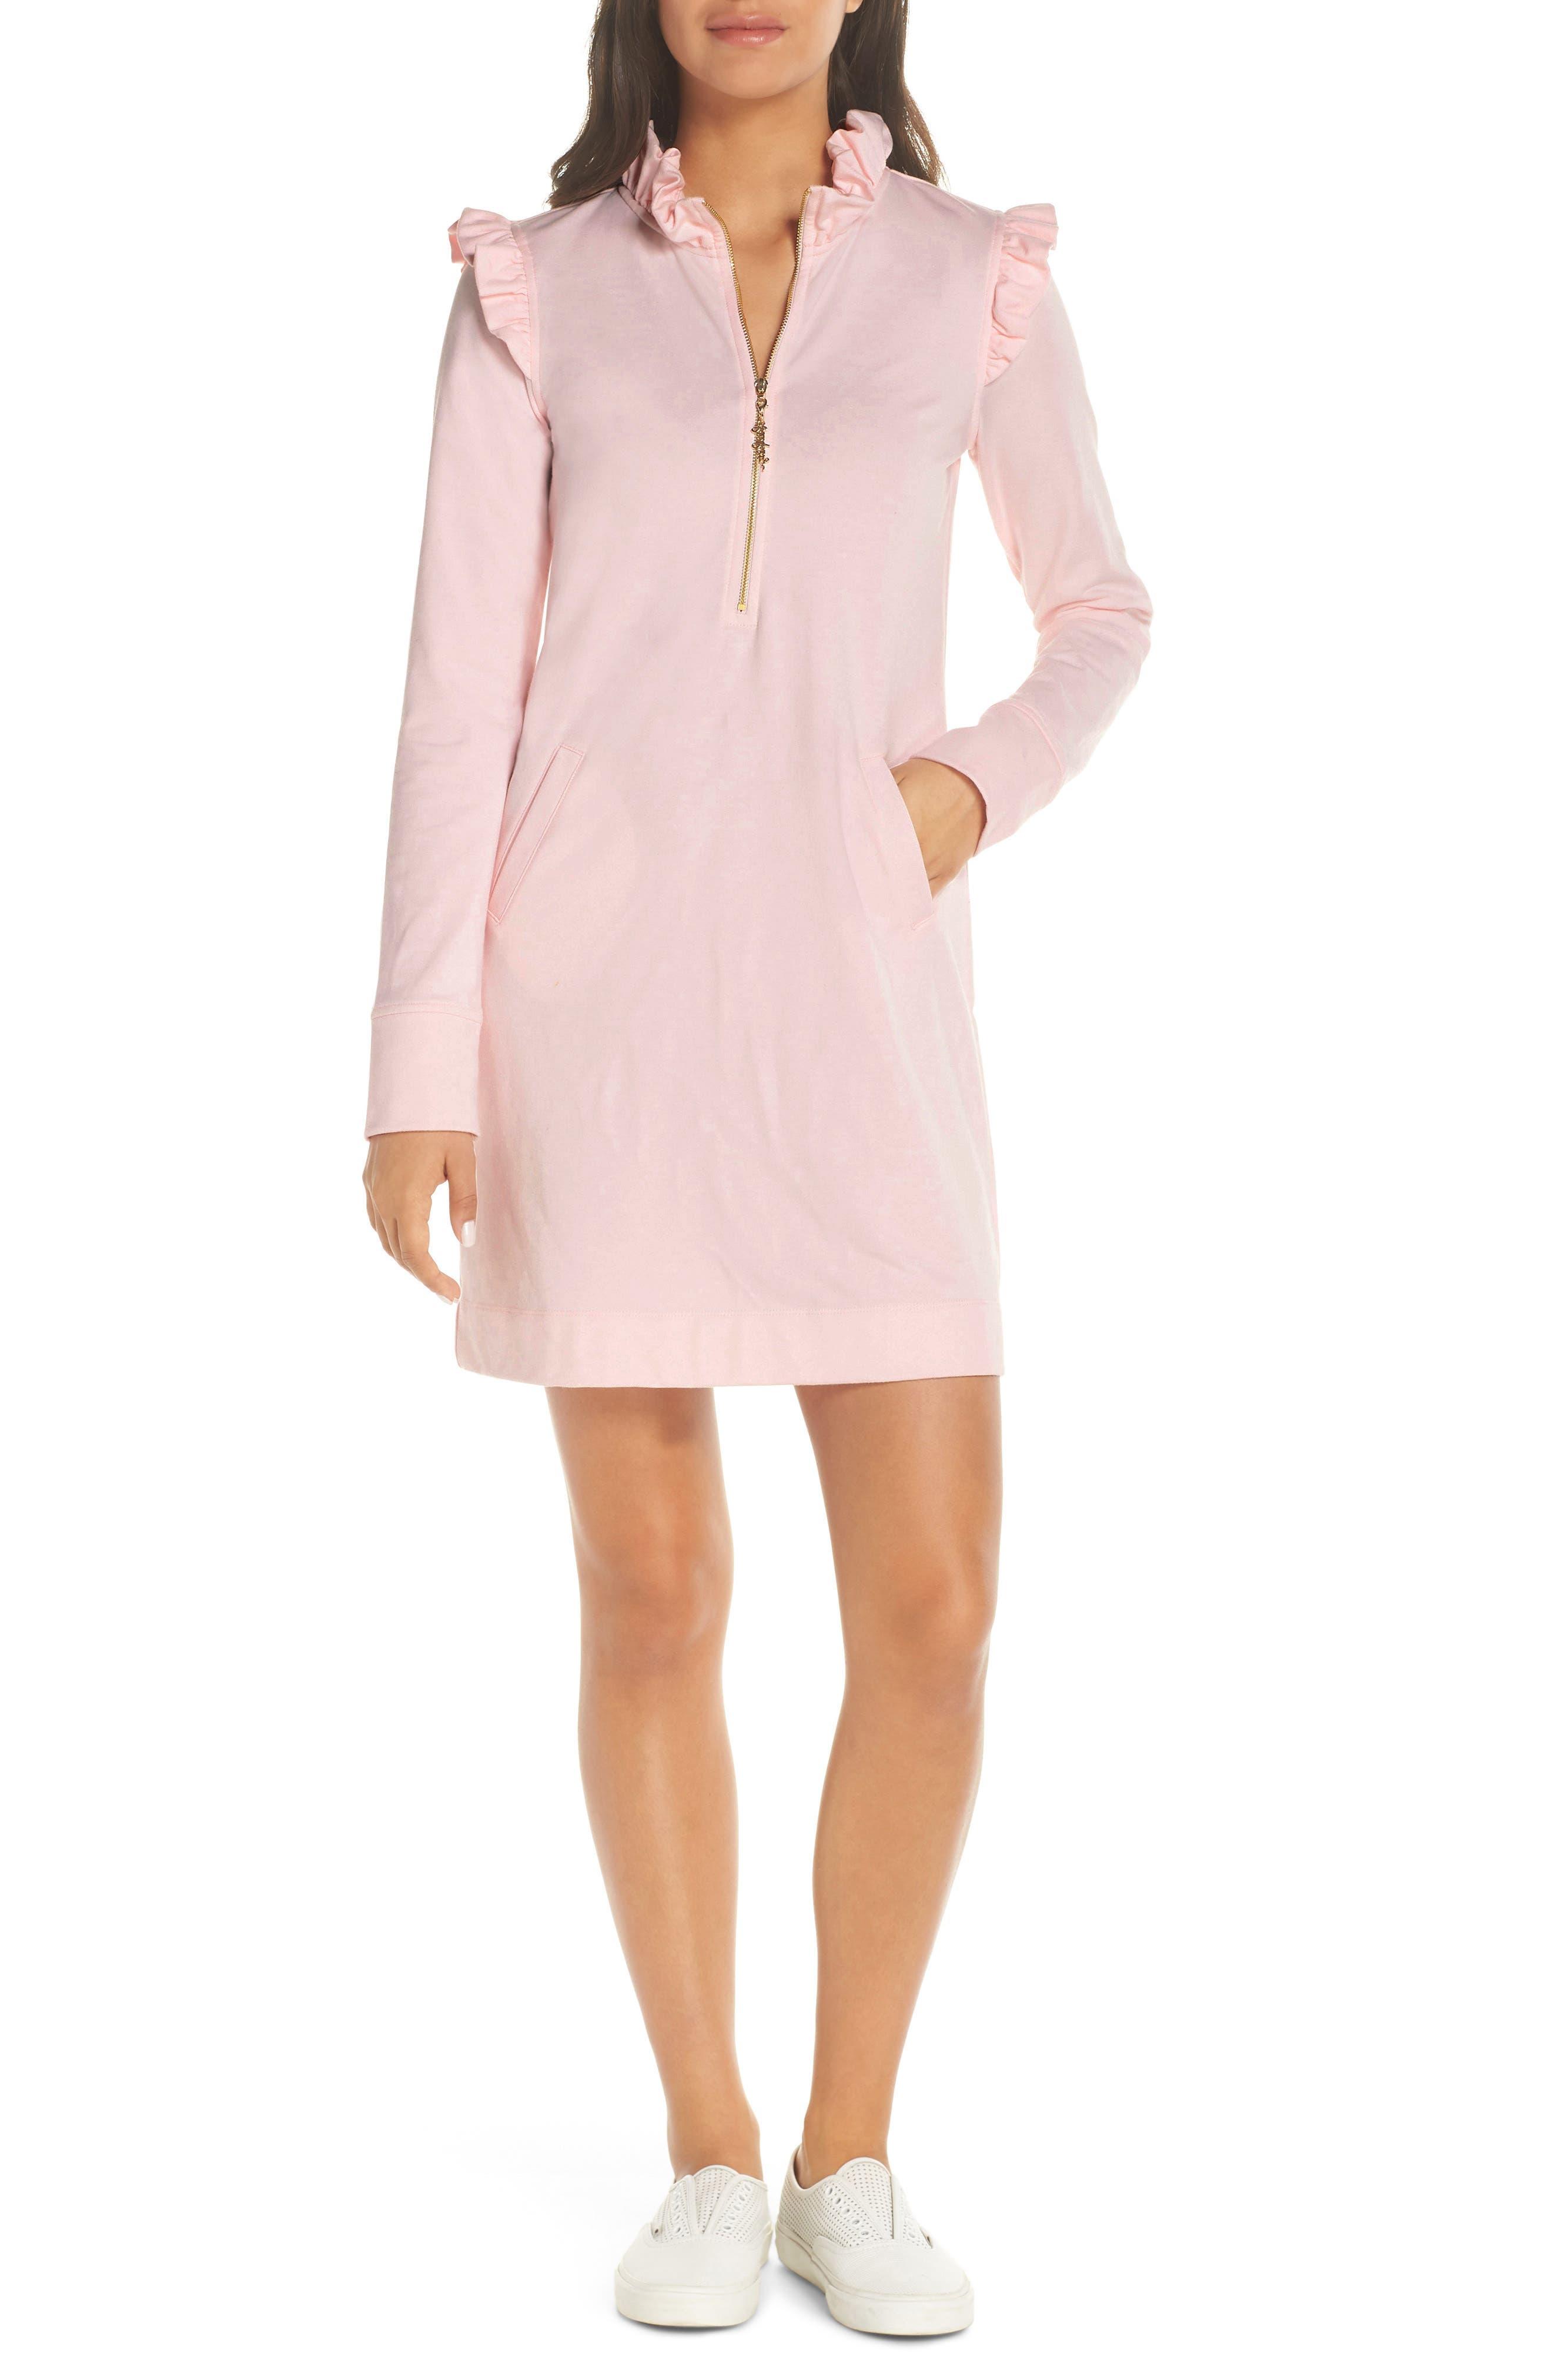 Lilly Pulitzer Skipper Upf 50+ Shift Dress, Pink